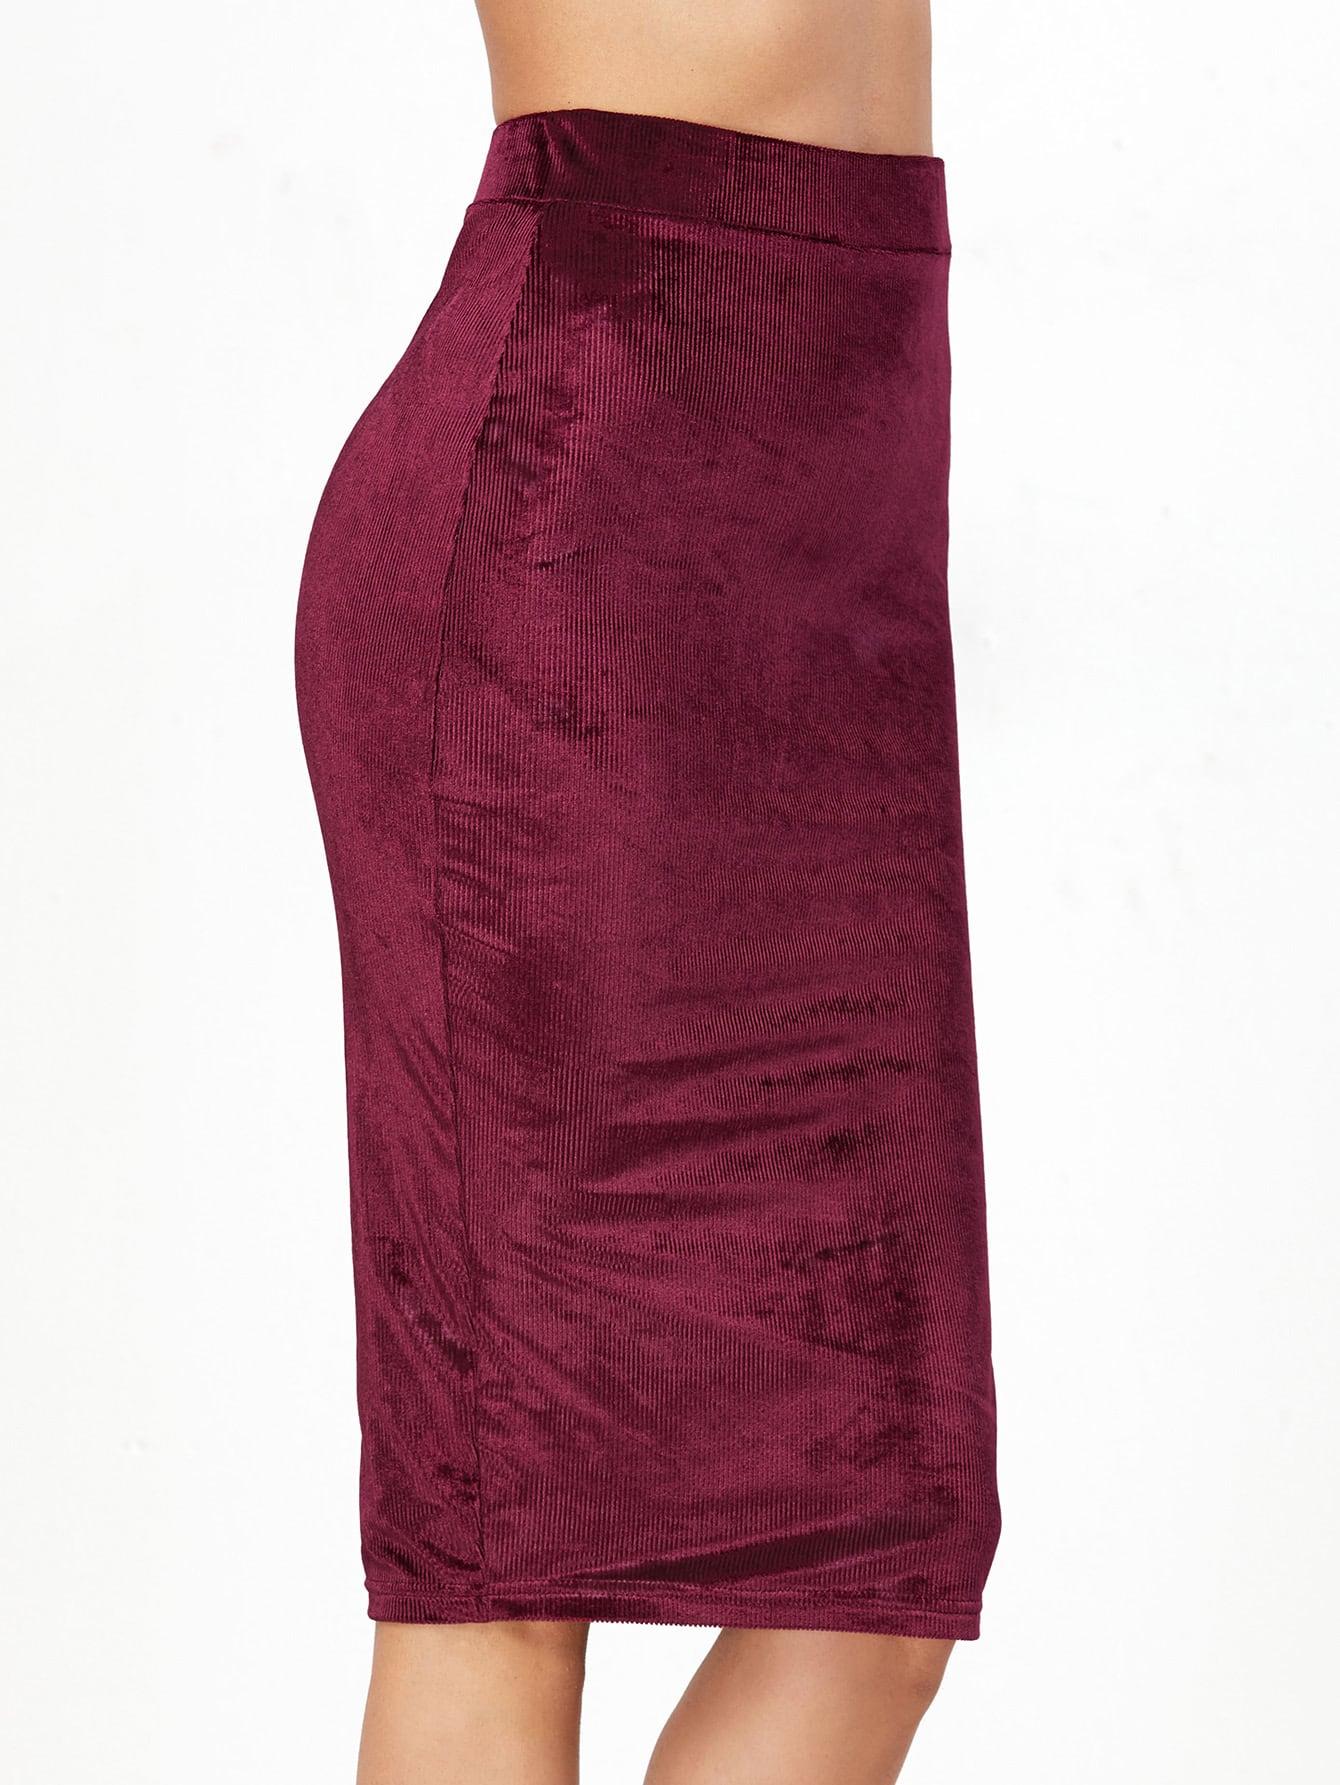 skirt161111702_2